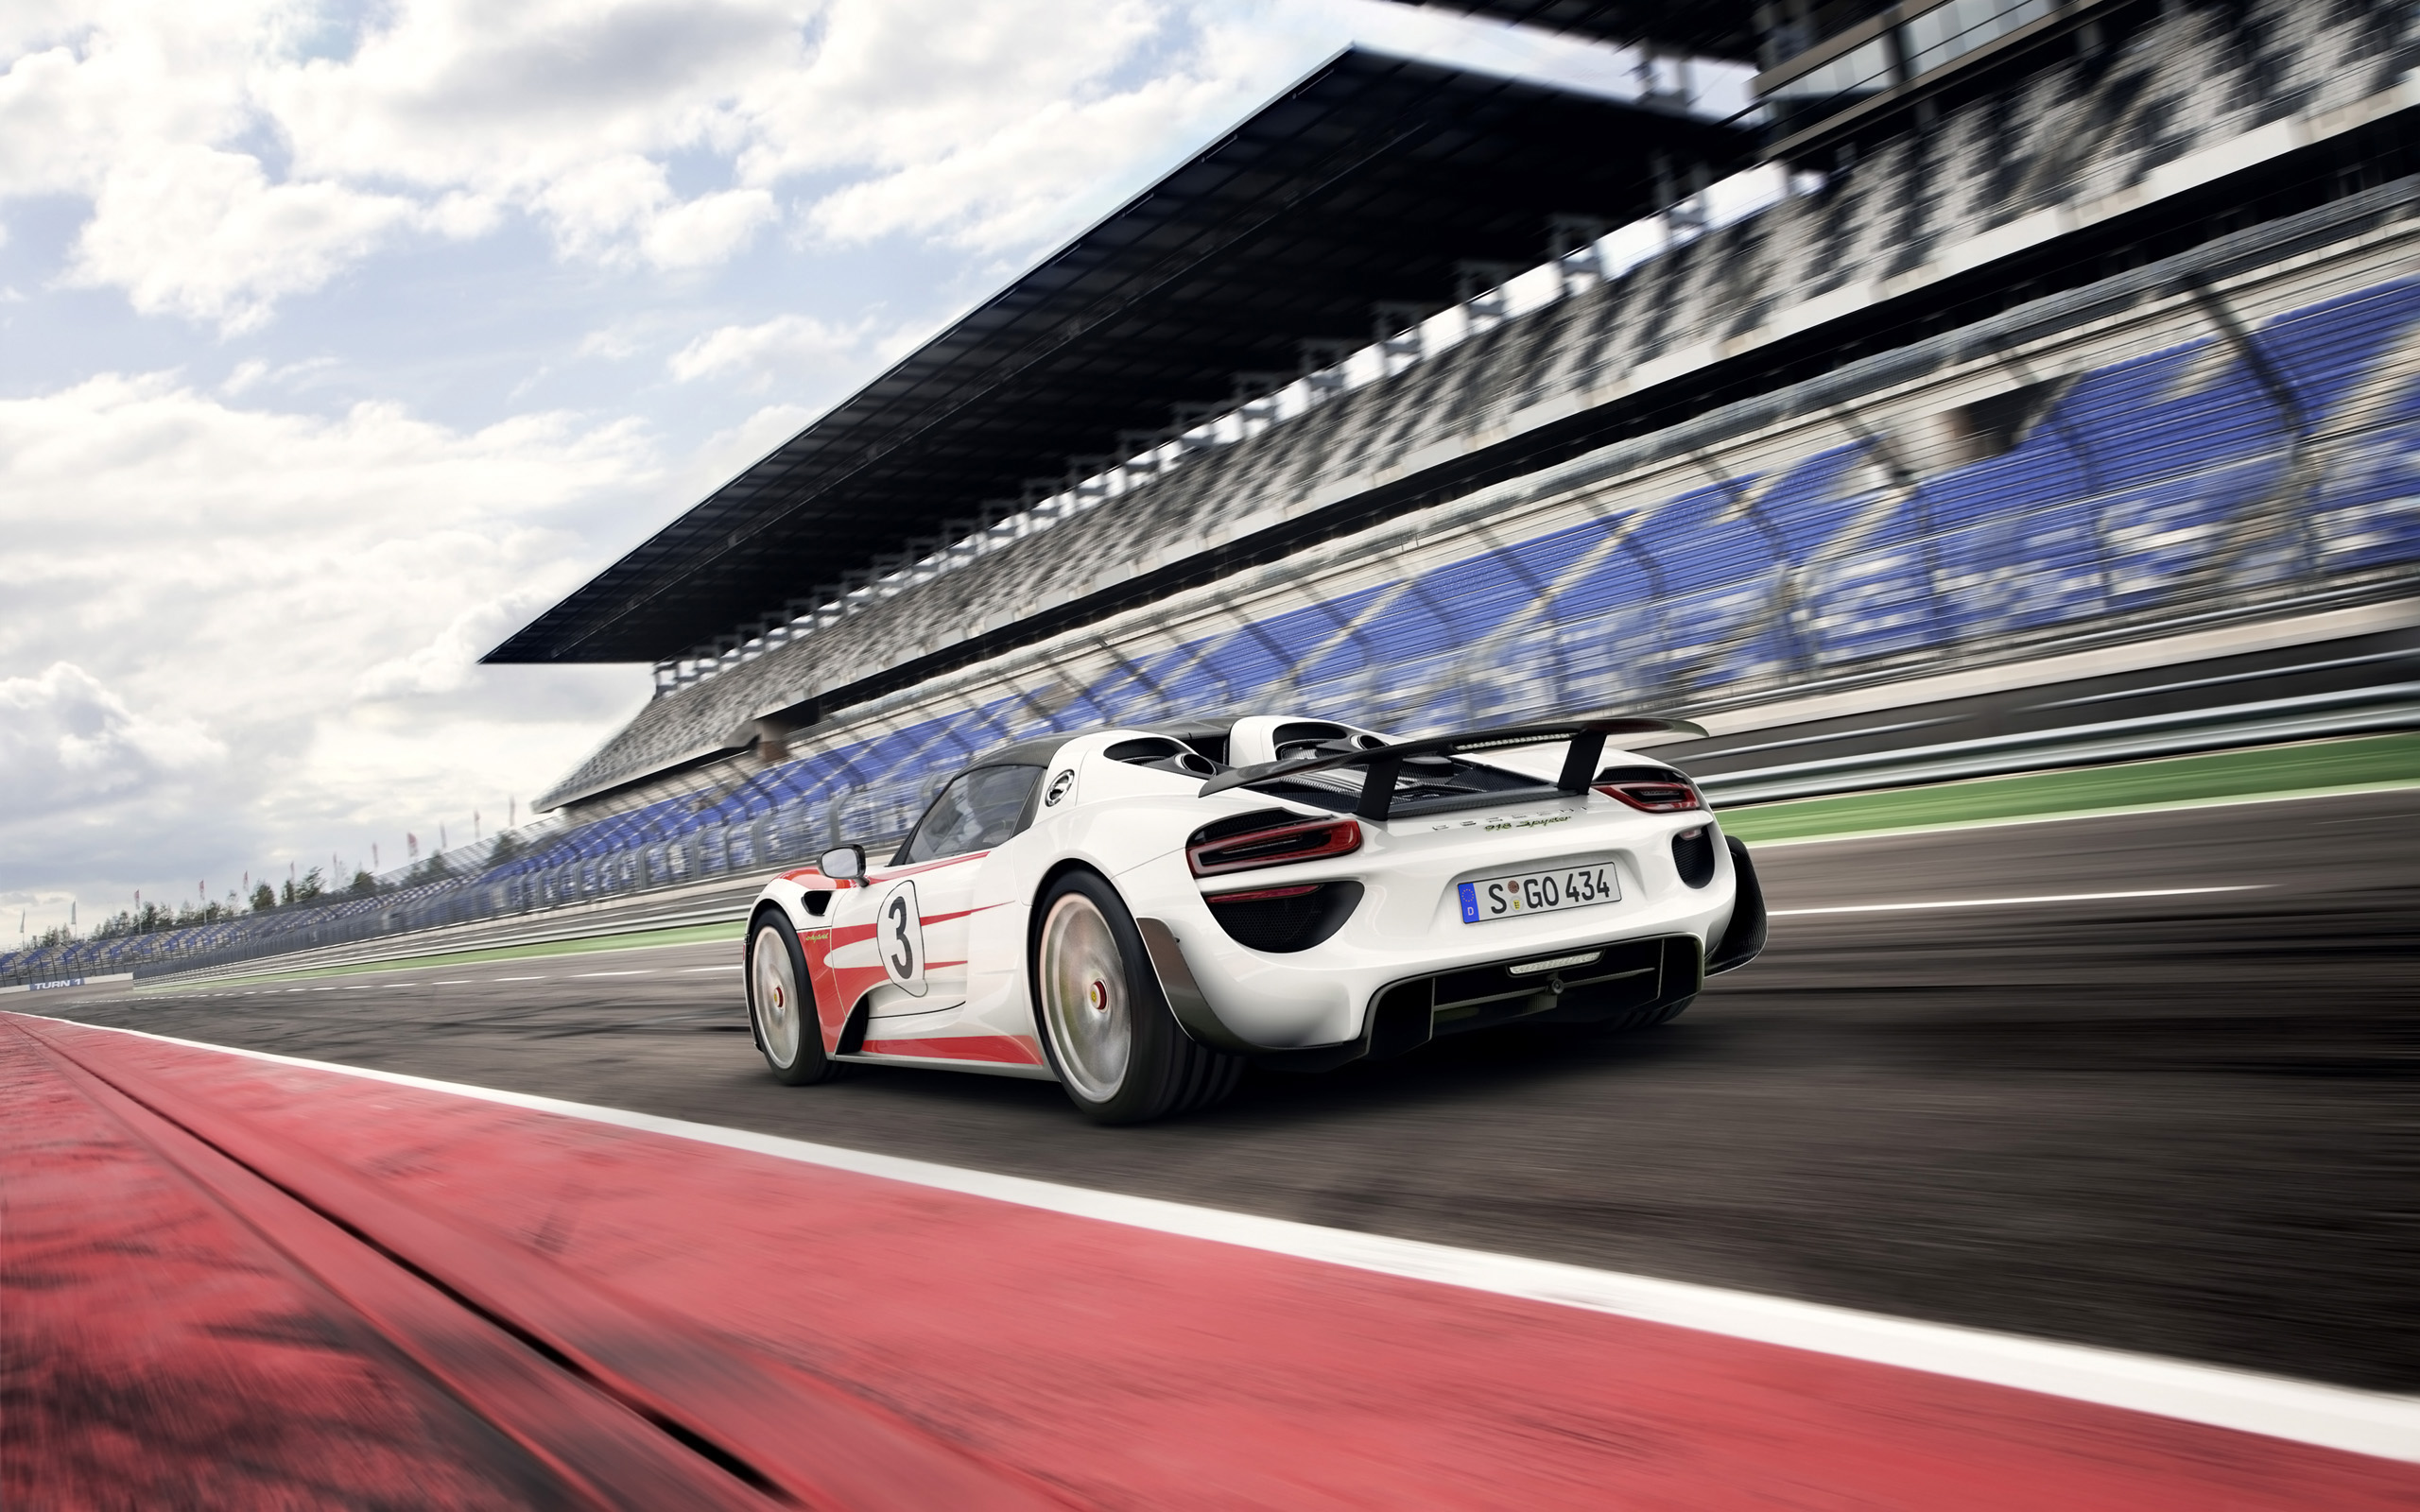 2014 Porsche 918 Spyder Weissach Package 2 Wallpaper Hd Car Wallpapers Id 3873